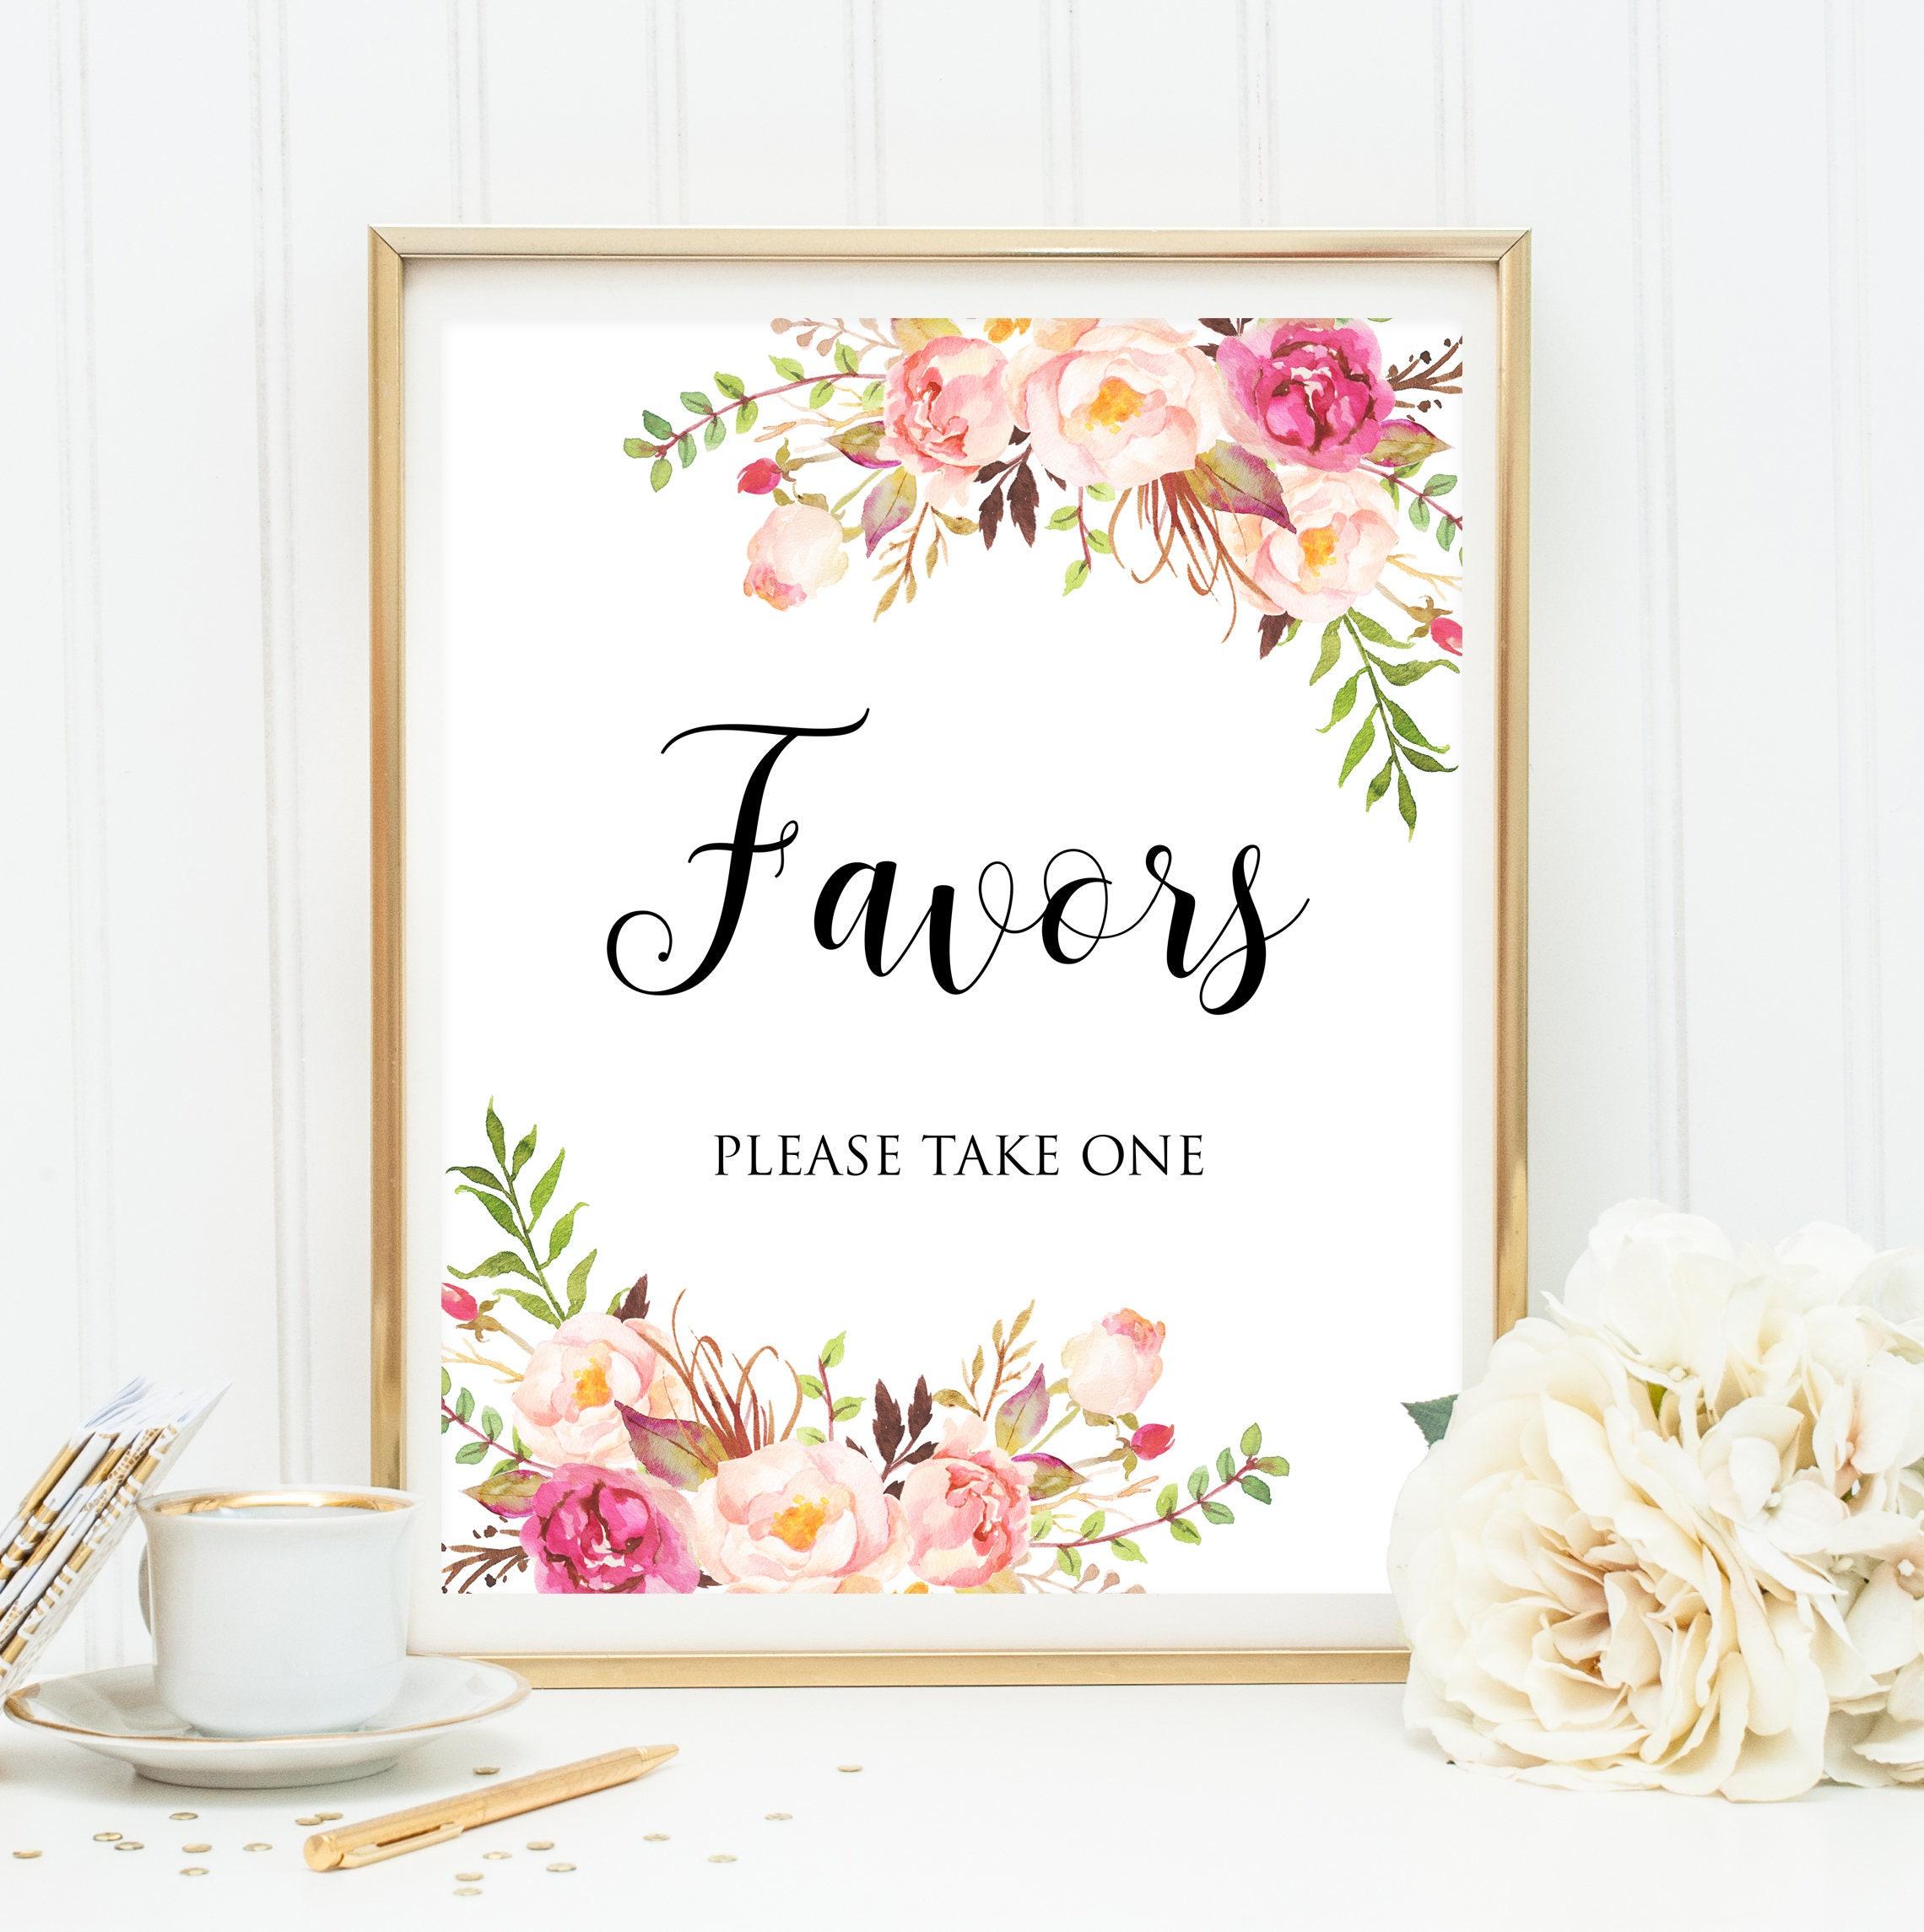 Wedding Favors Decor Favor Sign Wedding Favors Sign Floral